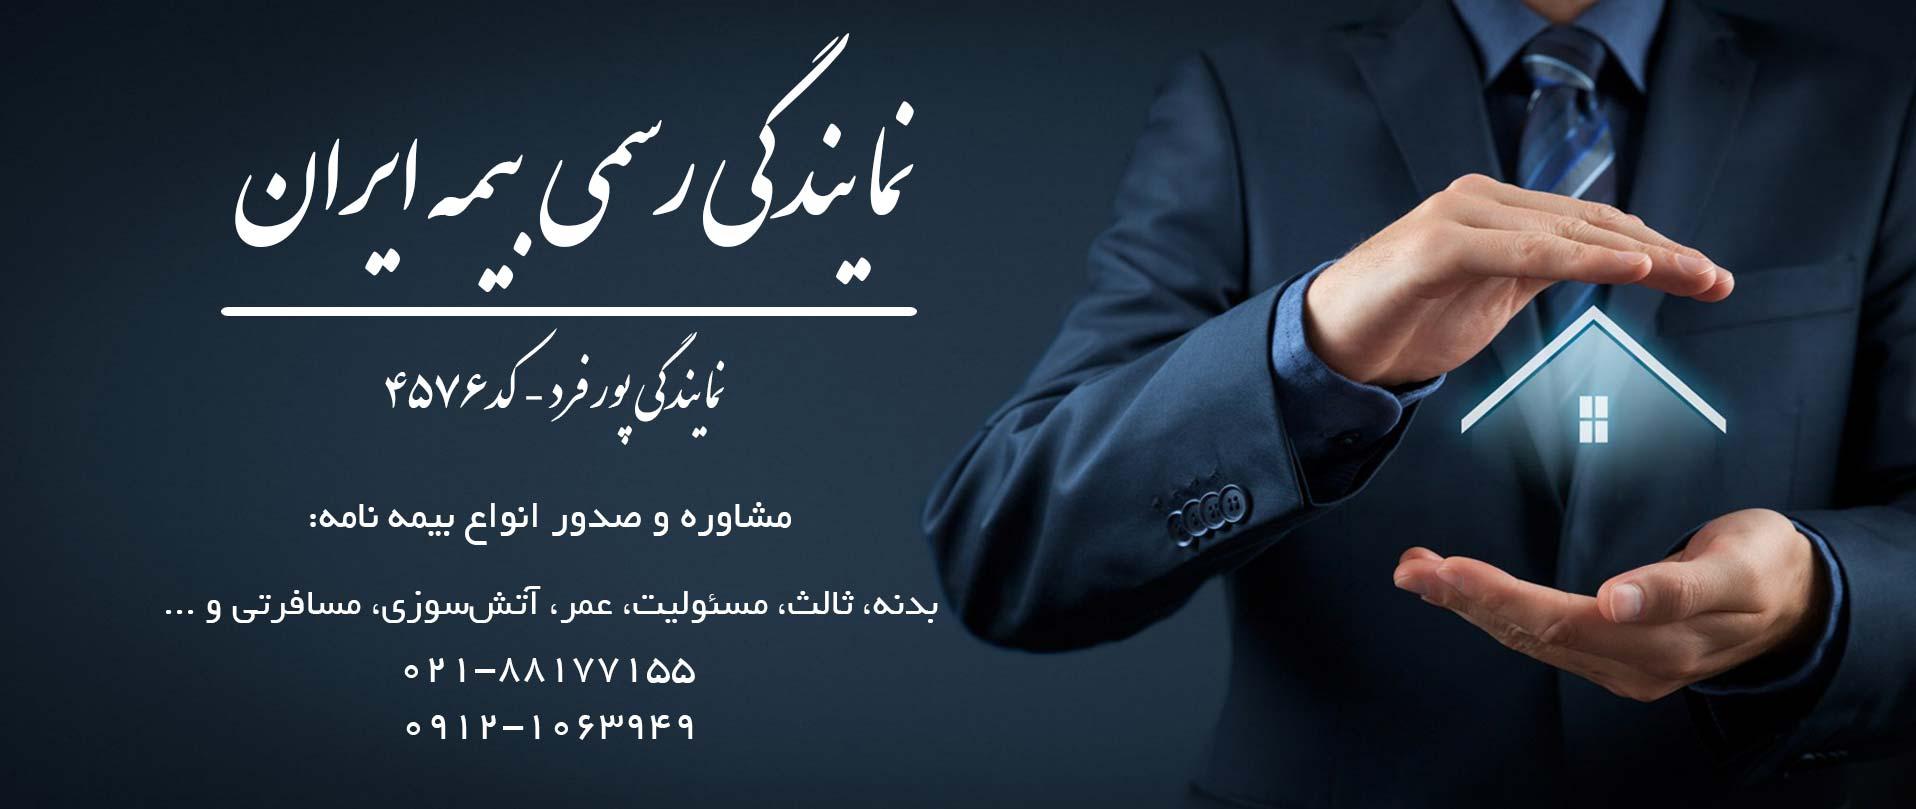 بیمه ایران نمایندگی پورفرد کد 4576 | نمایندگی بیمه ایران